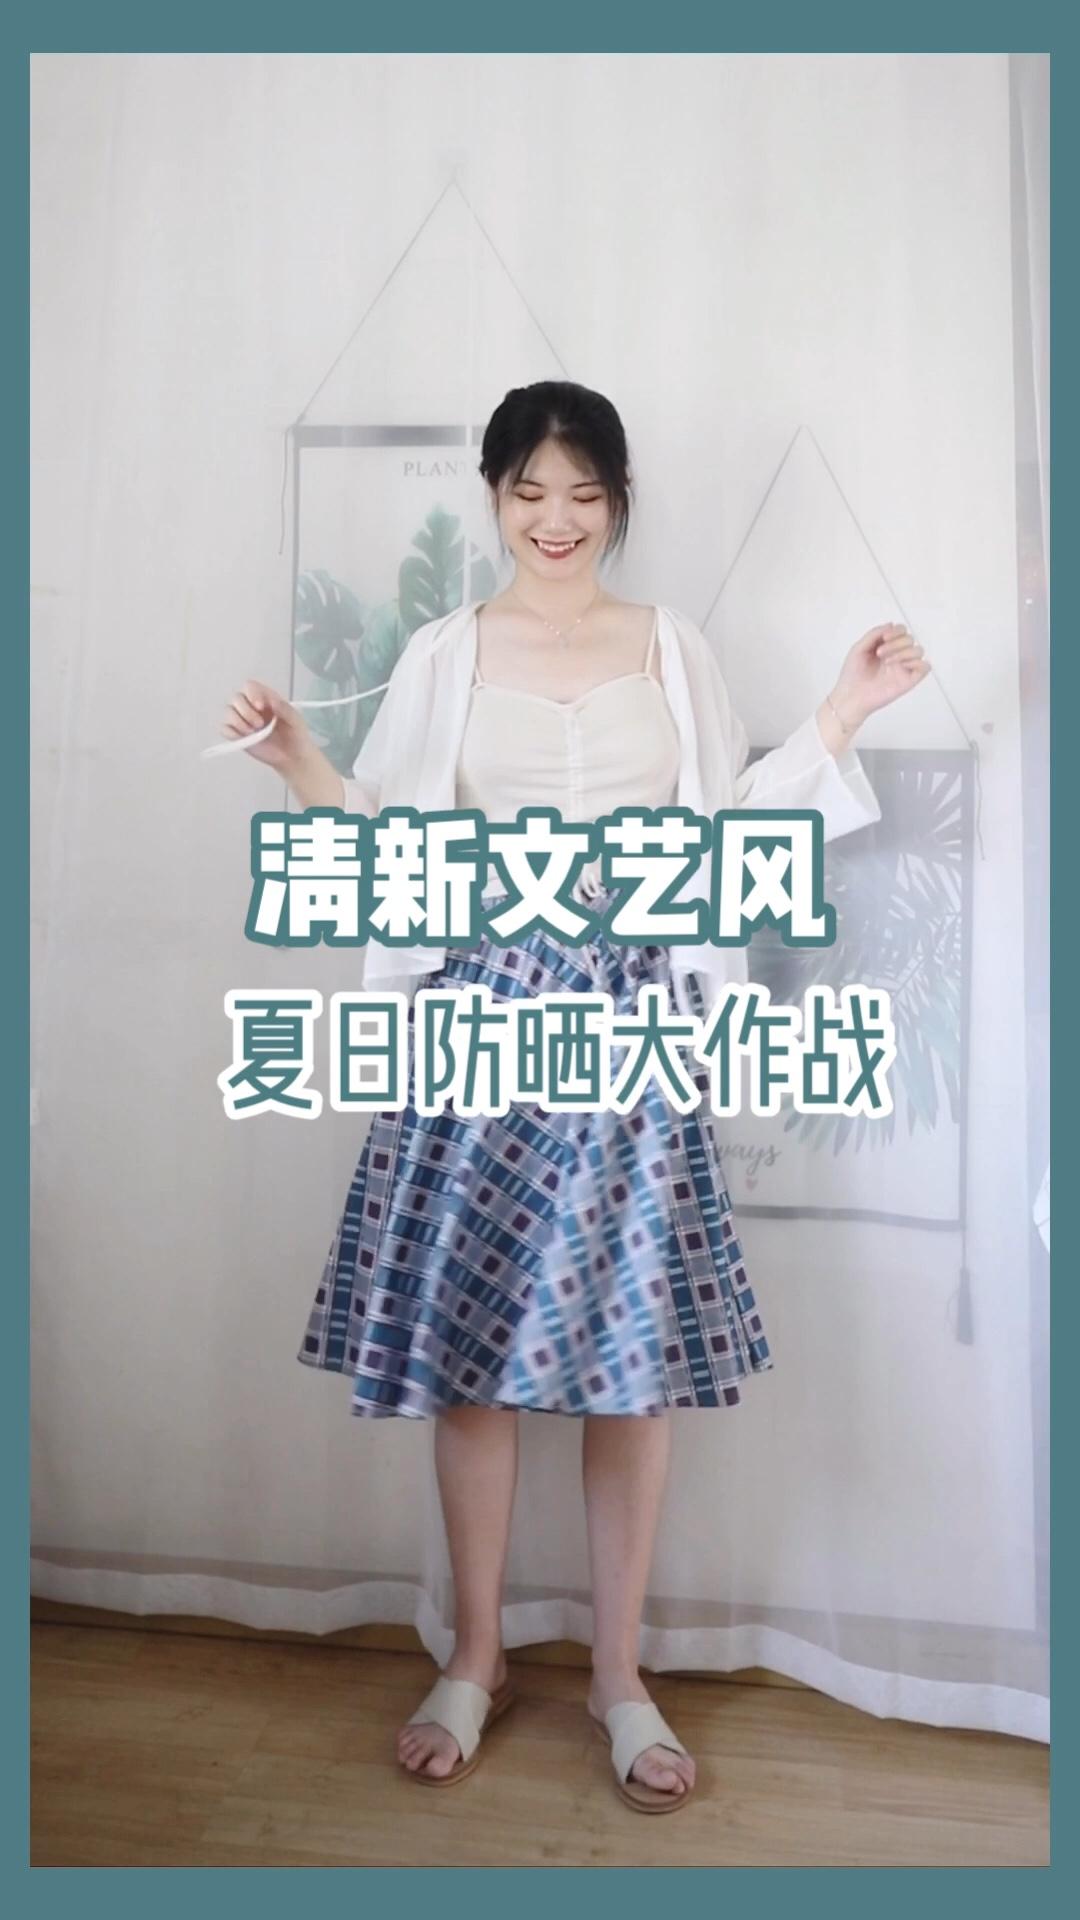 #一眼心动的夏日上衣!# 米色针织小吊带搭配蓝紫色格子裙,白色雪纺防晒开衫,再加上一个帆布包,文艺又清新!夏日必须要来一件小吊带,百搭又清凉,整体色系很清凉,适合夏日!